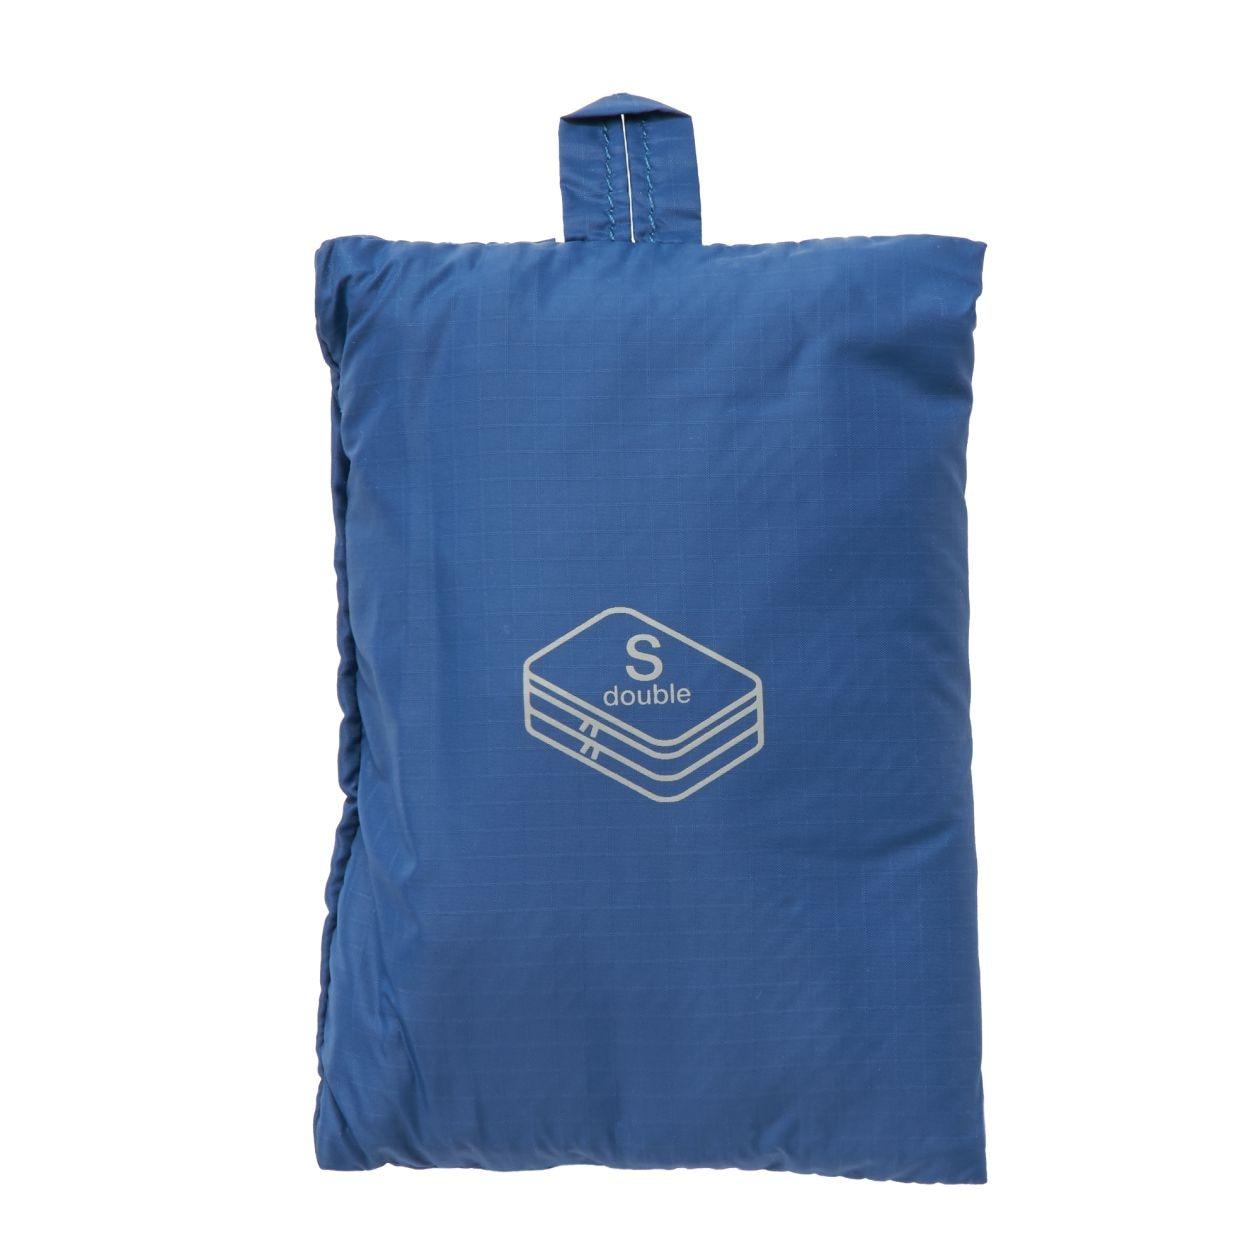 [무인양품] 패러글라이더 크로스 폴더블 케이스・더블 타입・S (신)블루・약20×26×10cm MUJI 일본 공식스토어